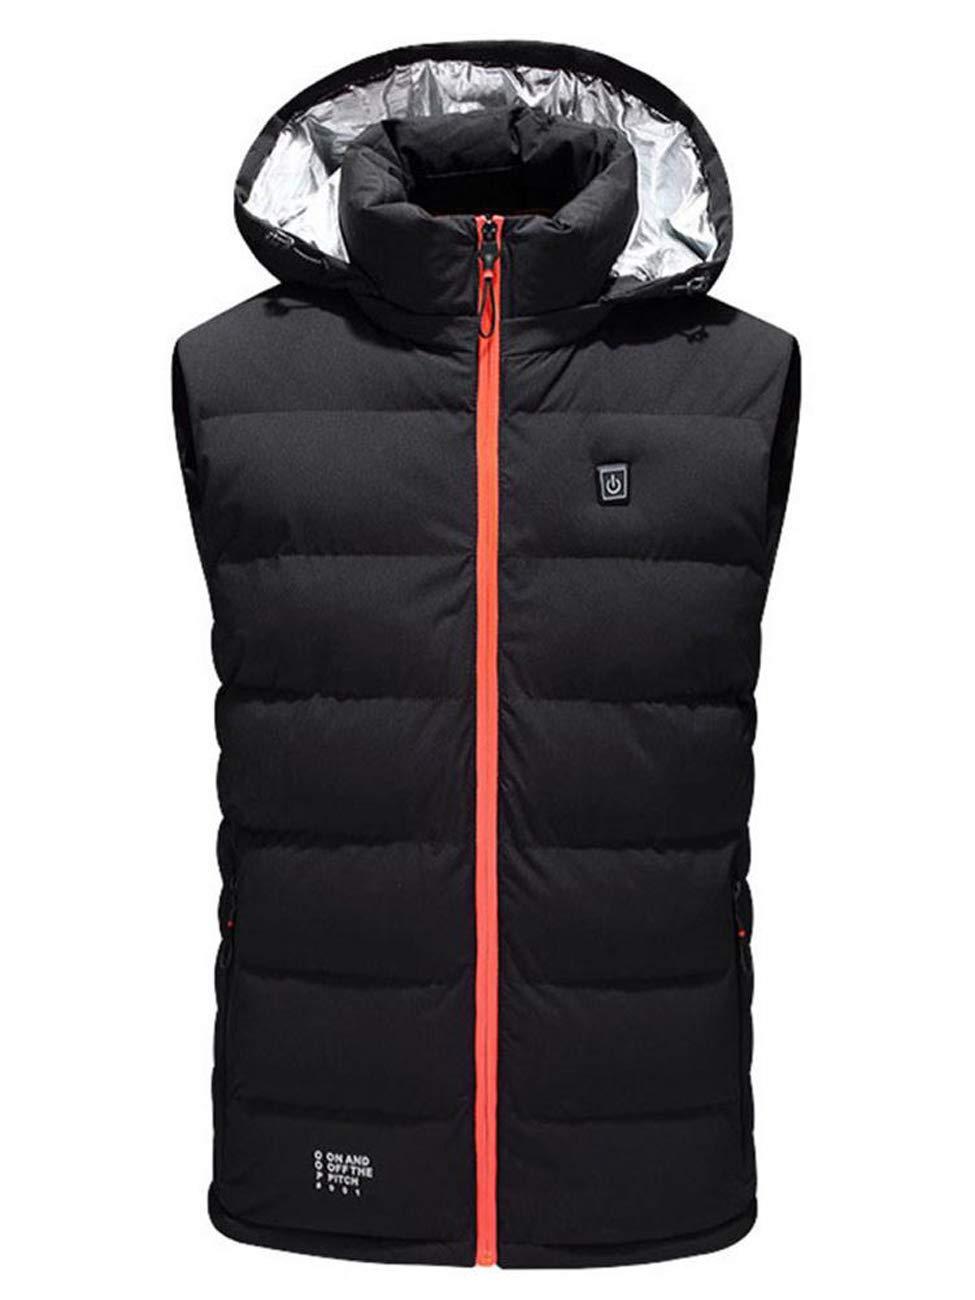 GL SUIT Unisex elektrisch beheizt Weste Waschbar Leicht USB-Lade Beheizte Gilet Jacke warme Kleidung für Outdoor Ski Wandern Jagd Motorrad Camping